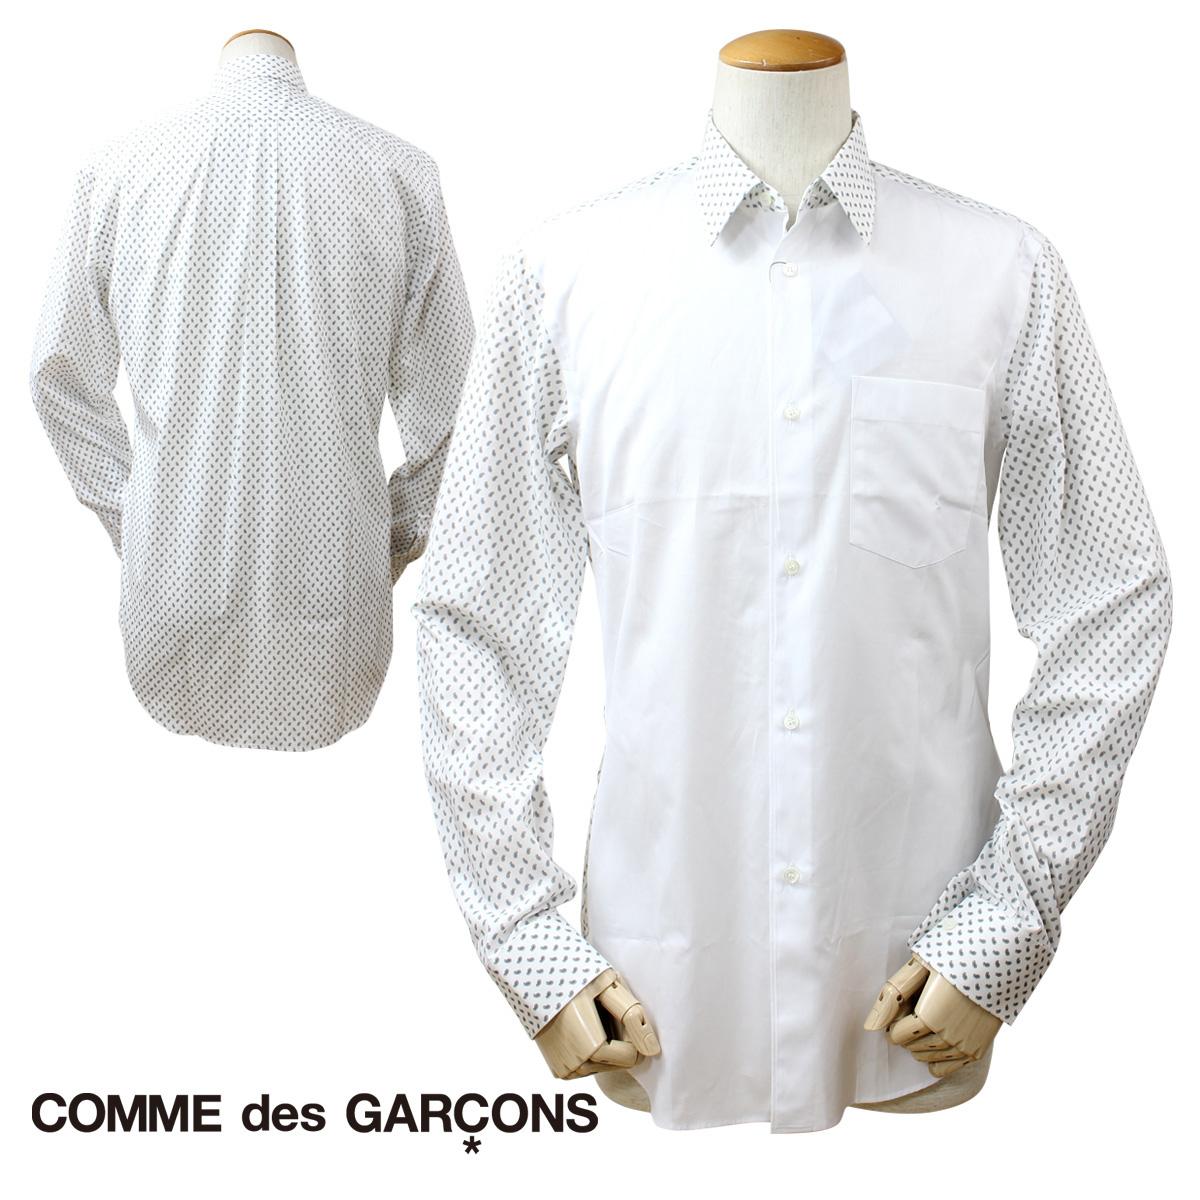 コムデギャルソン HOMME DEUX COMME des GARCONS シャツ 長袖 ホワイト メンズ